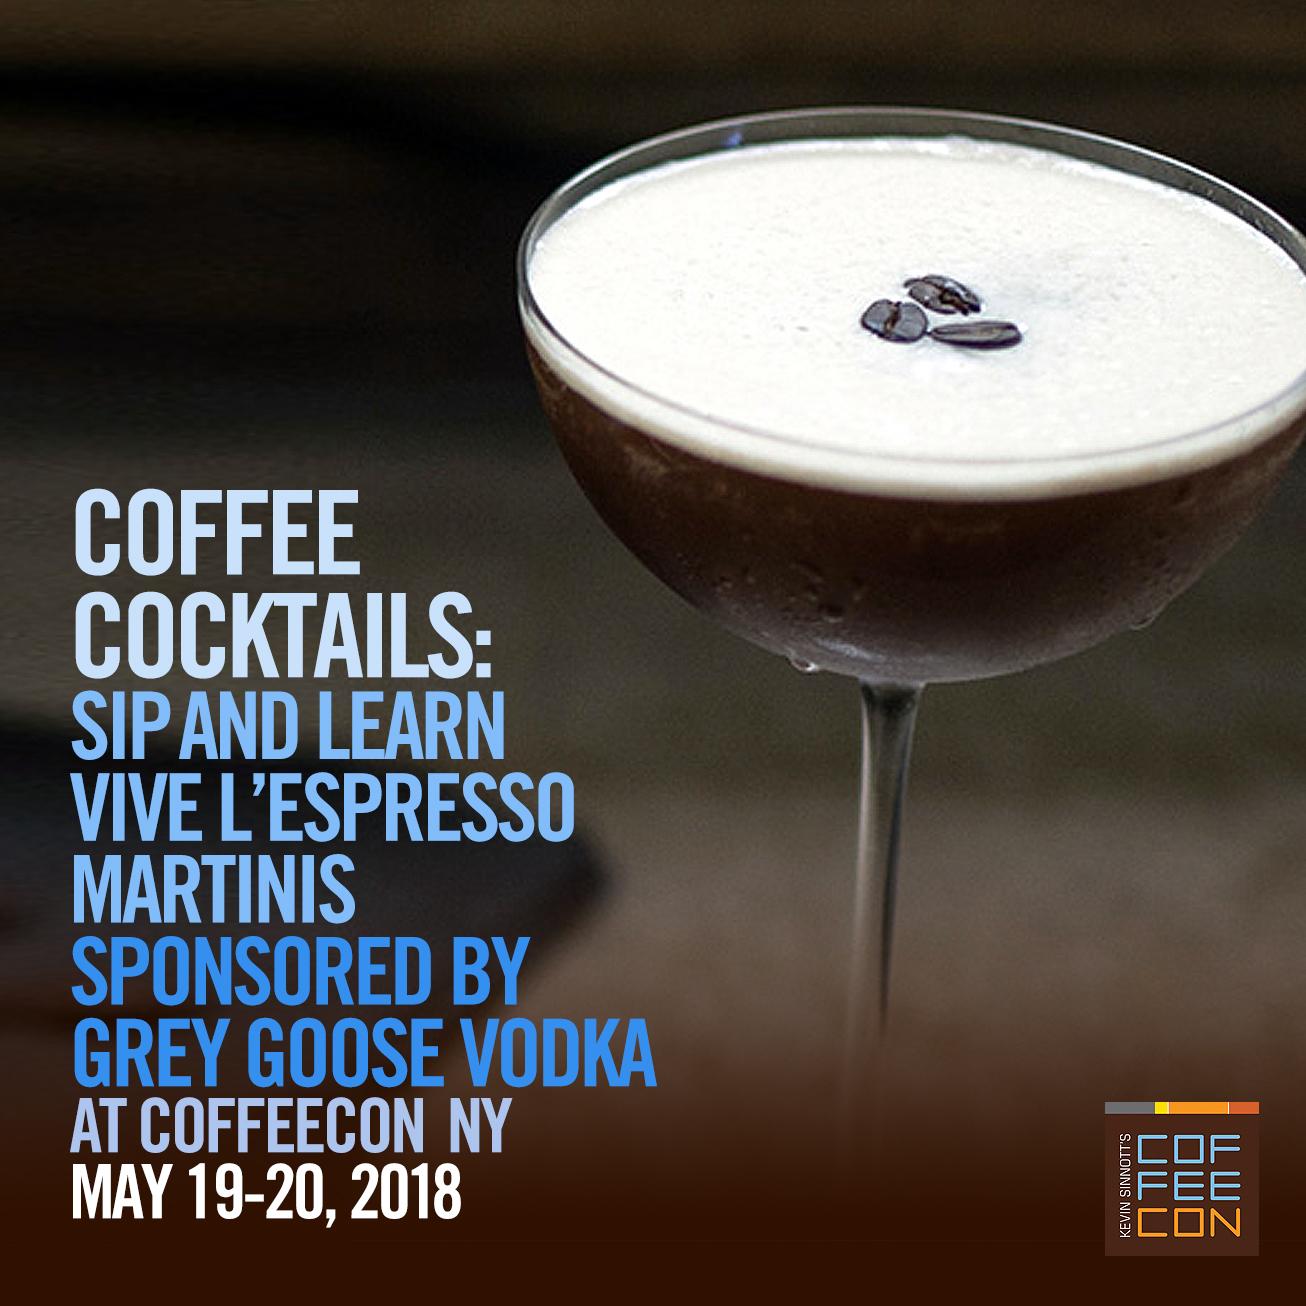 Vive L' Espresso Grey Goose Vodka at CoffeeConNY